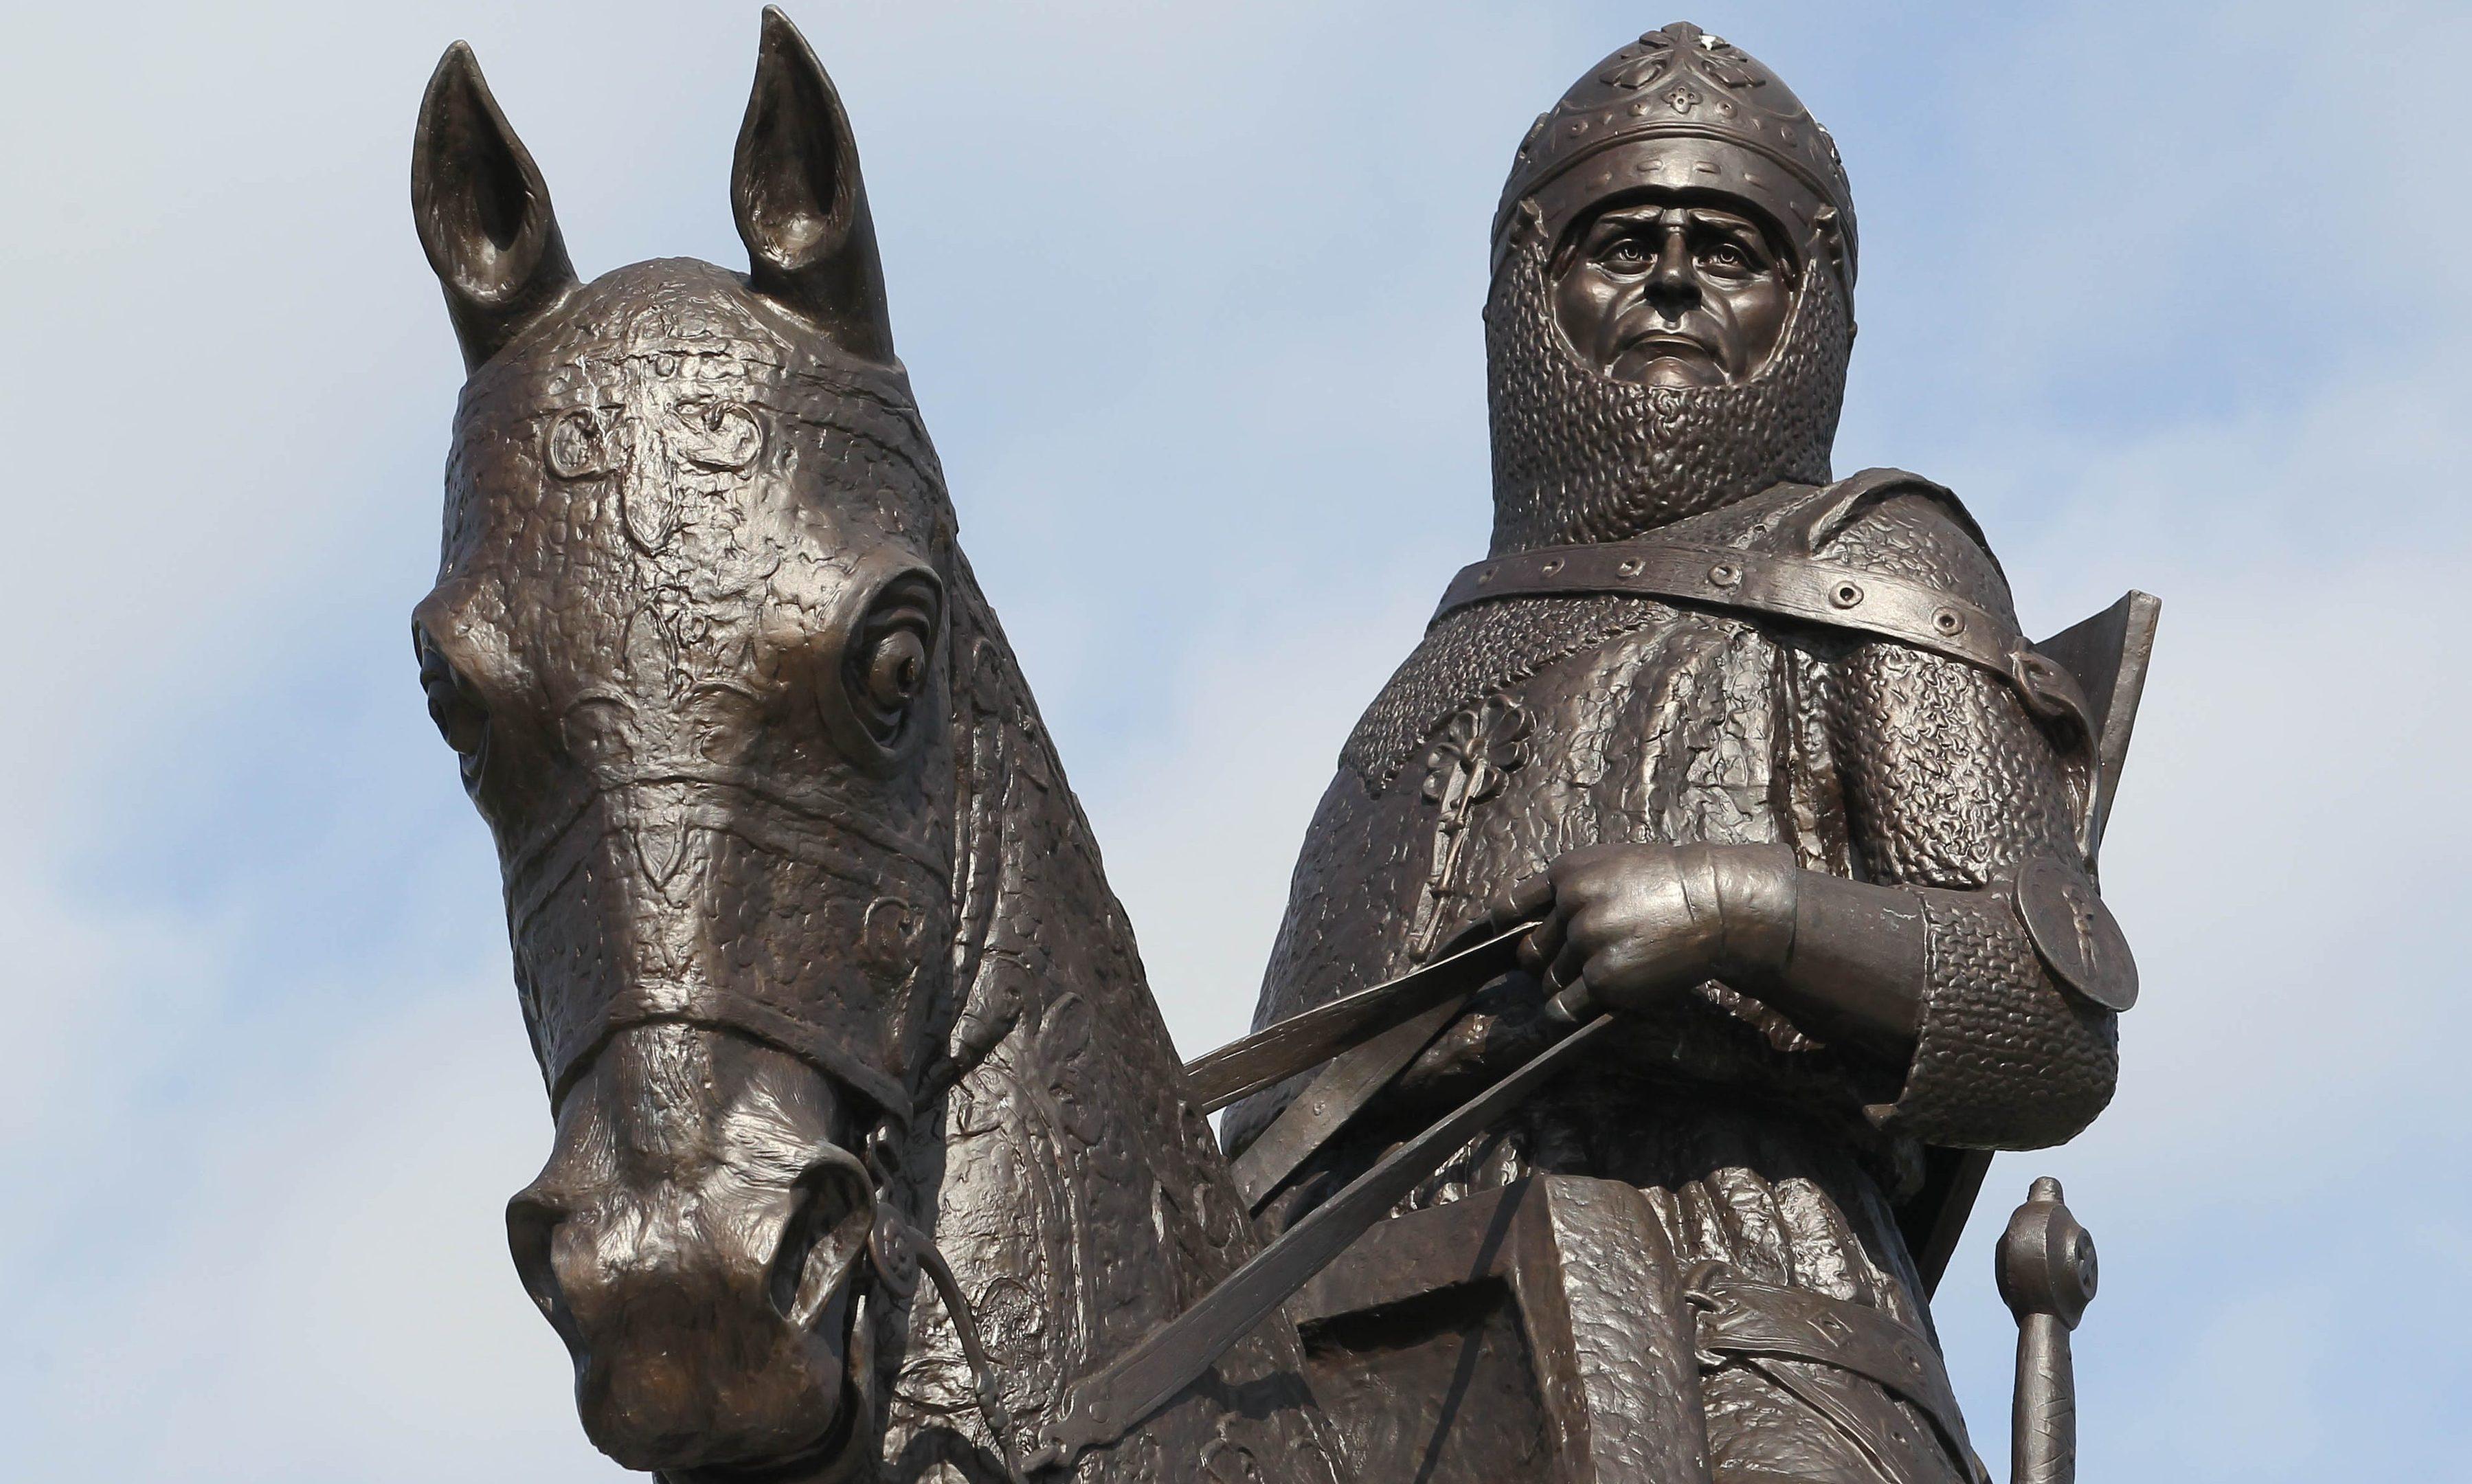 Memorial of Robert the Bruce at Bannockburn.